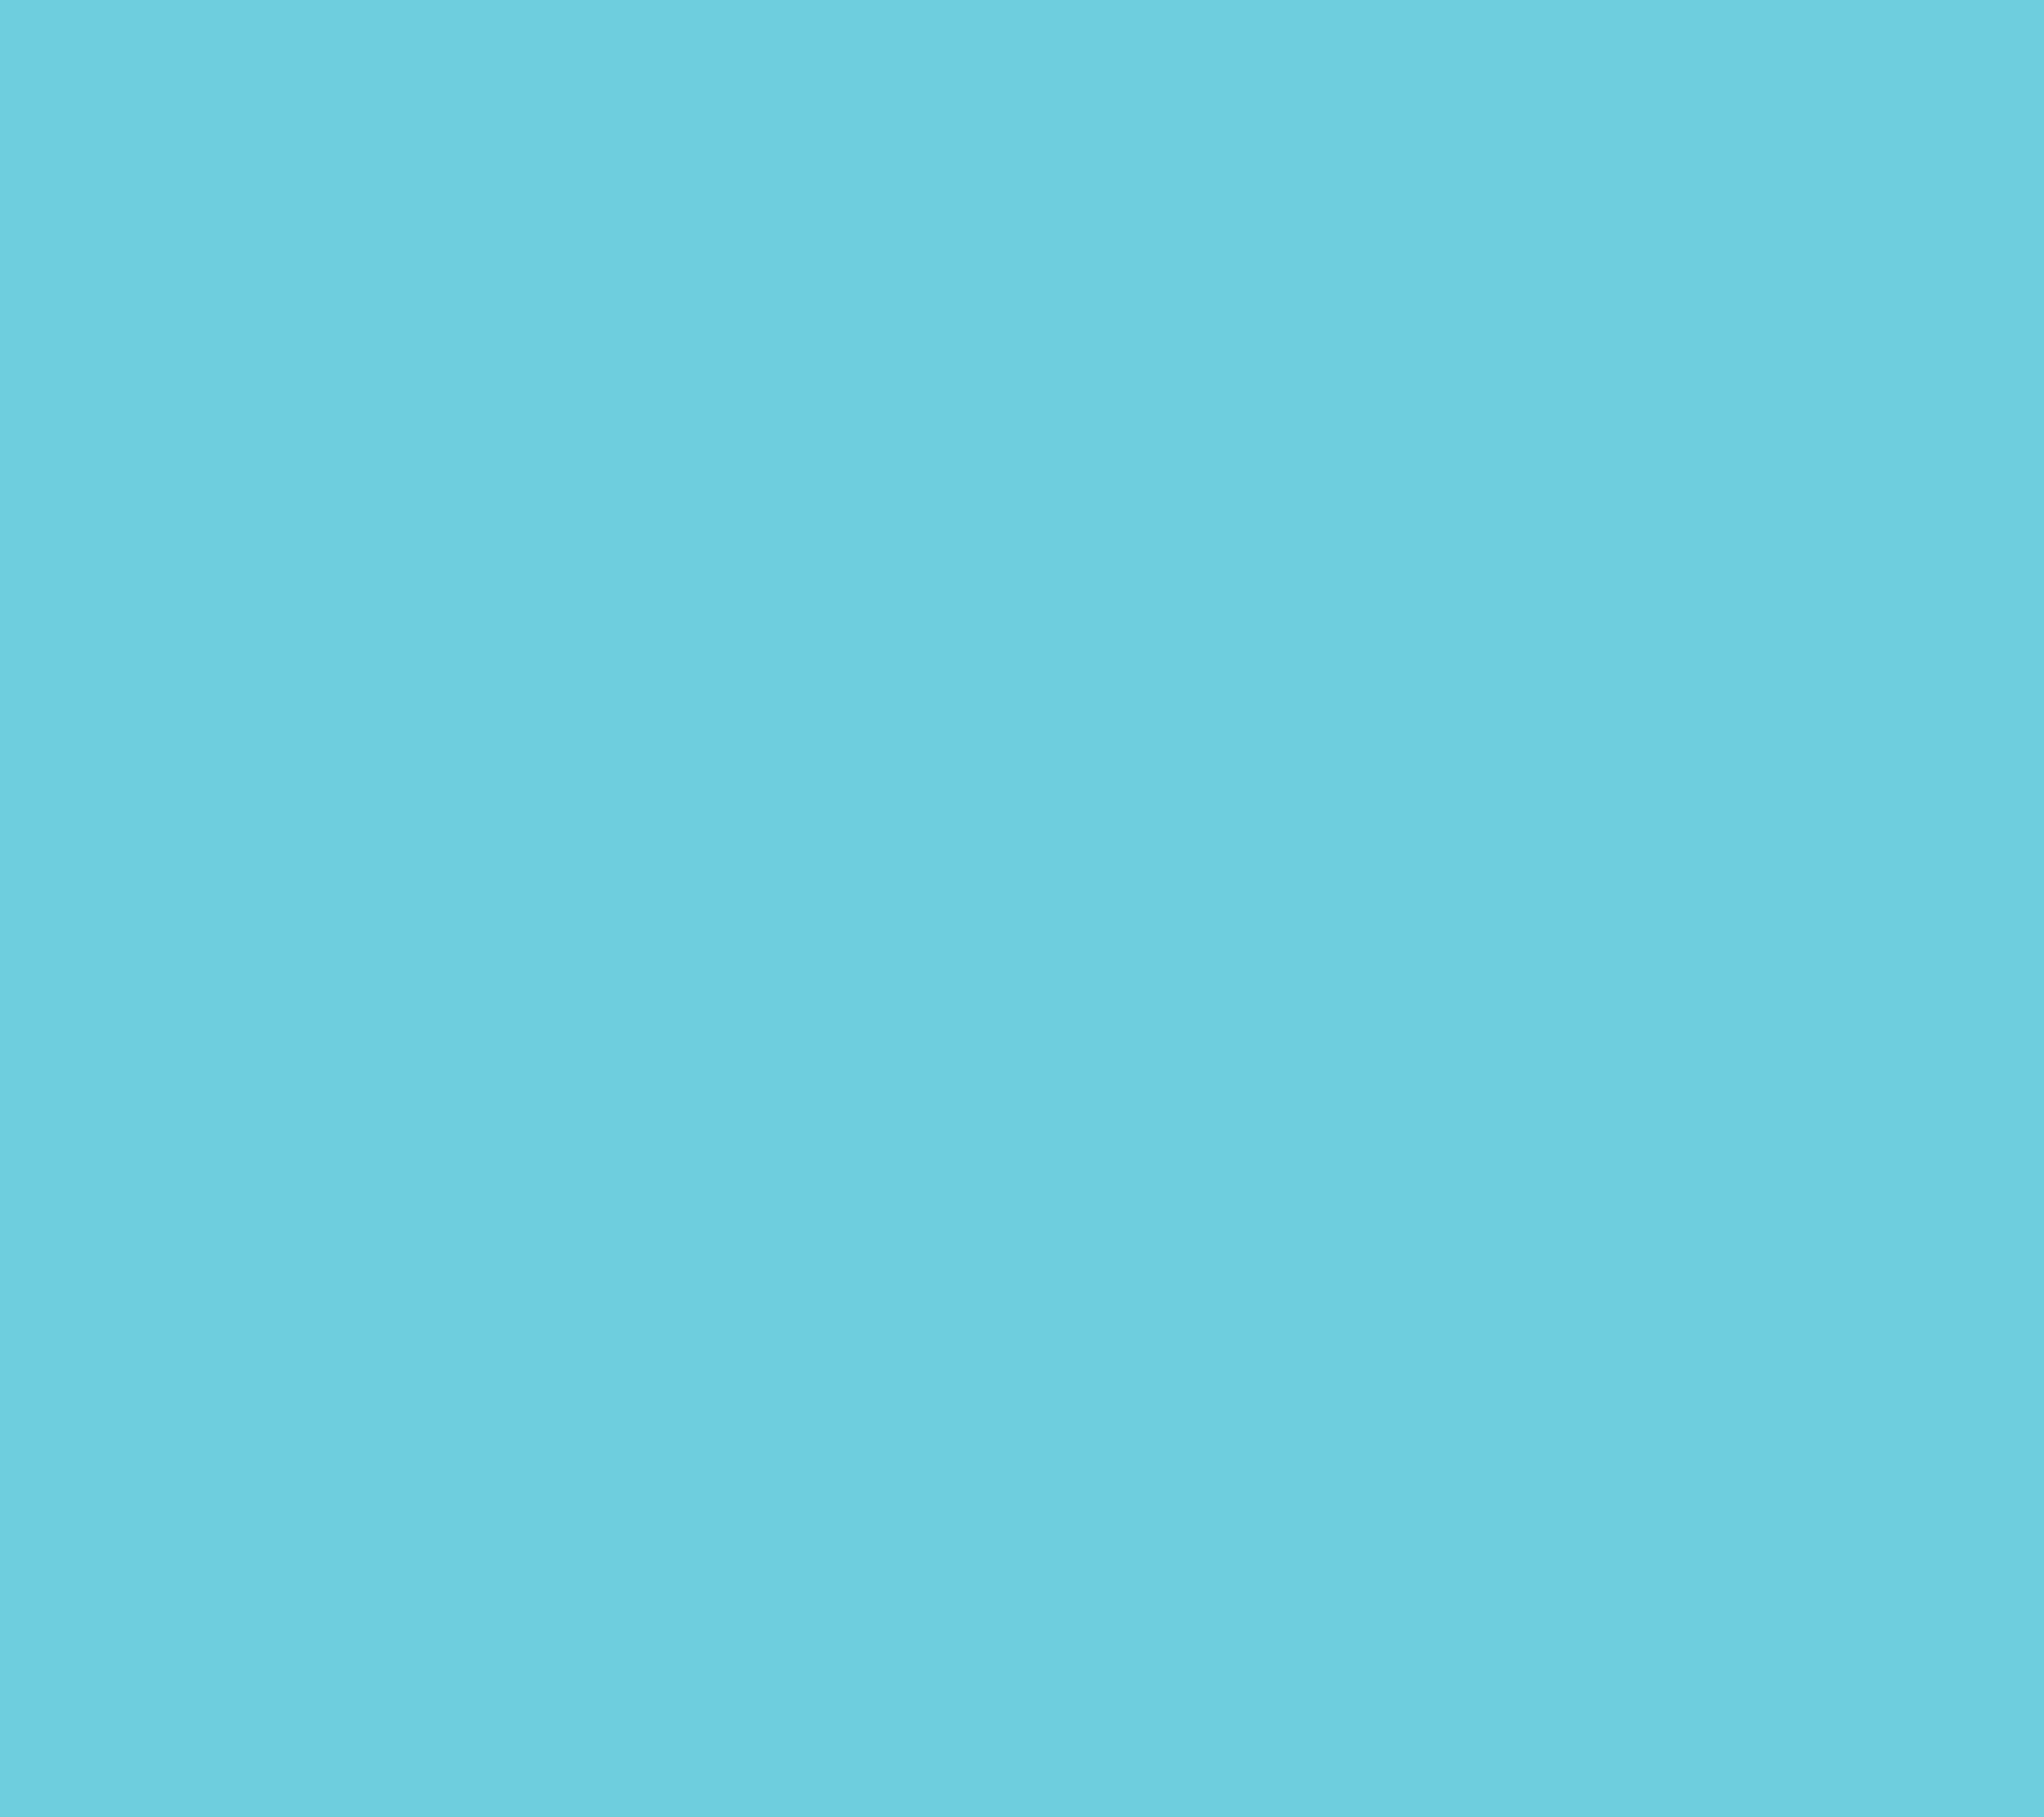 フラットな水色 Android壁紙